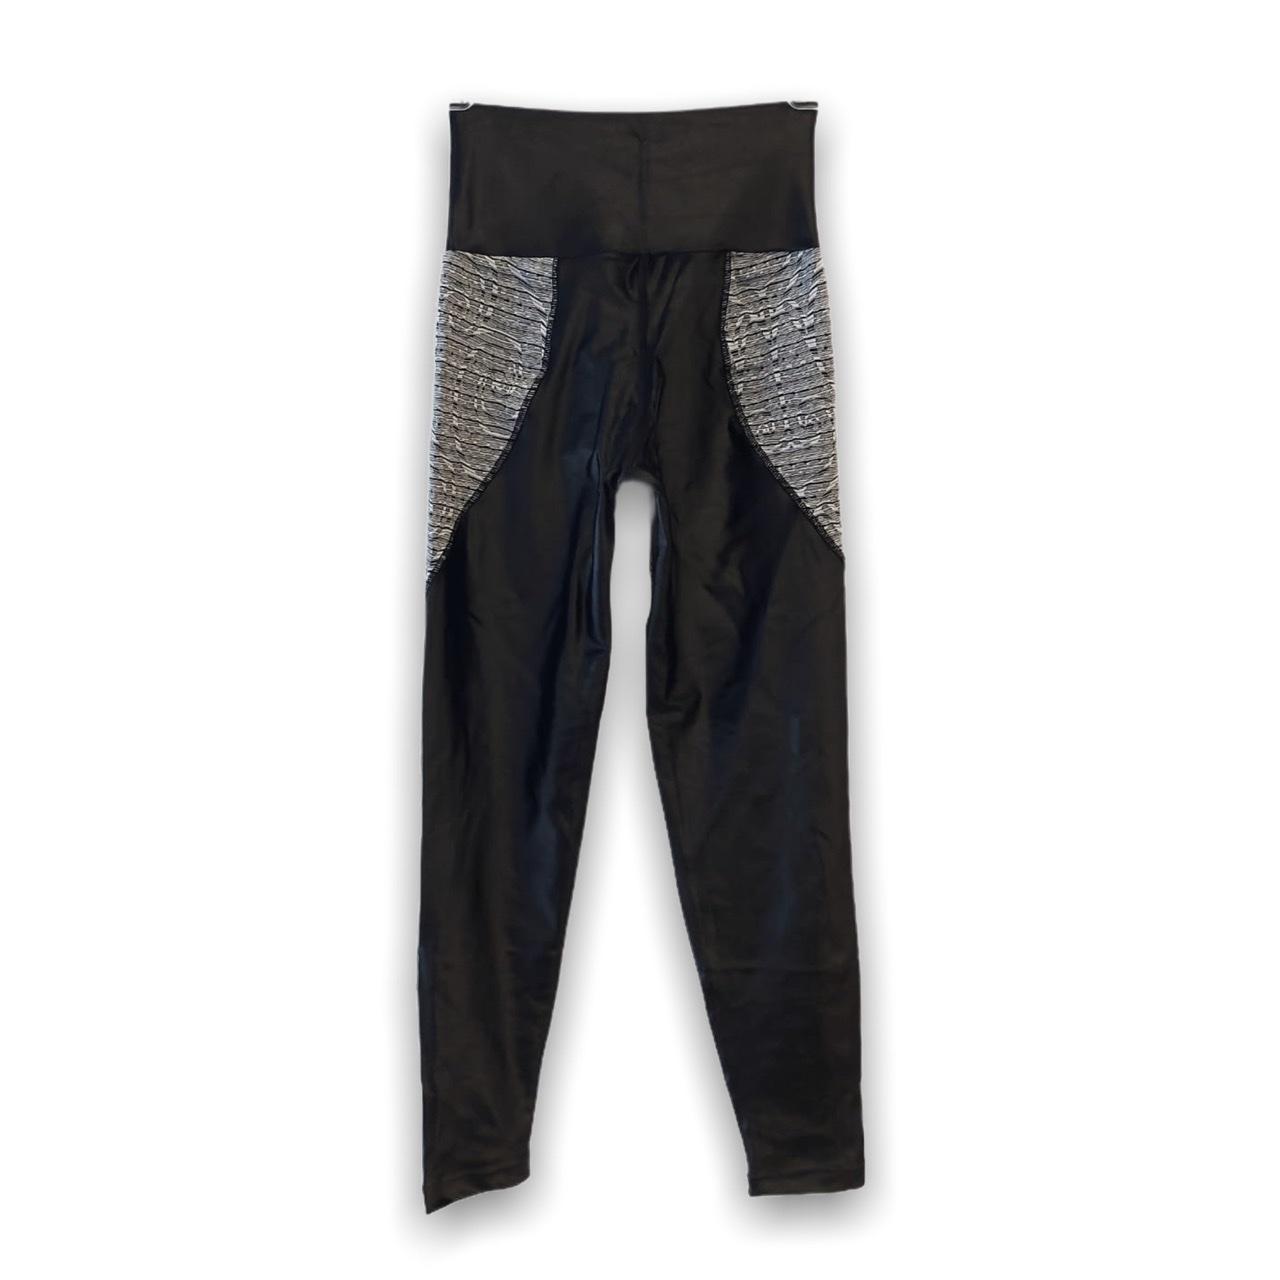 Legging bicolor cirrê preta e branco rajado